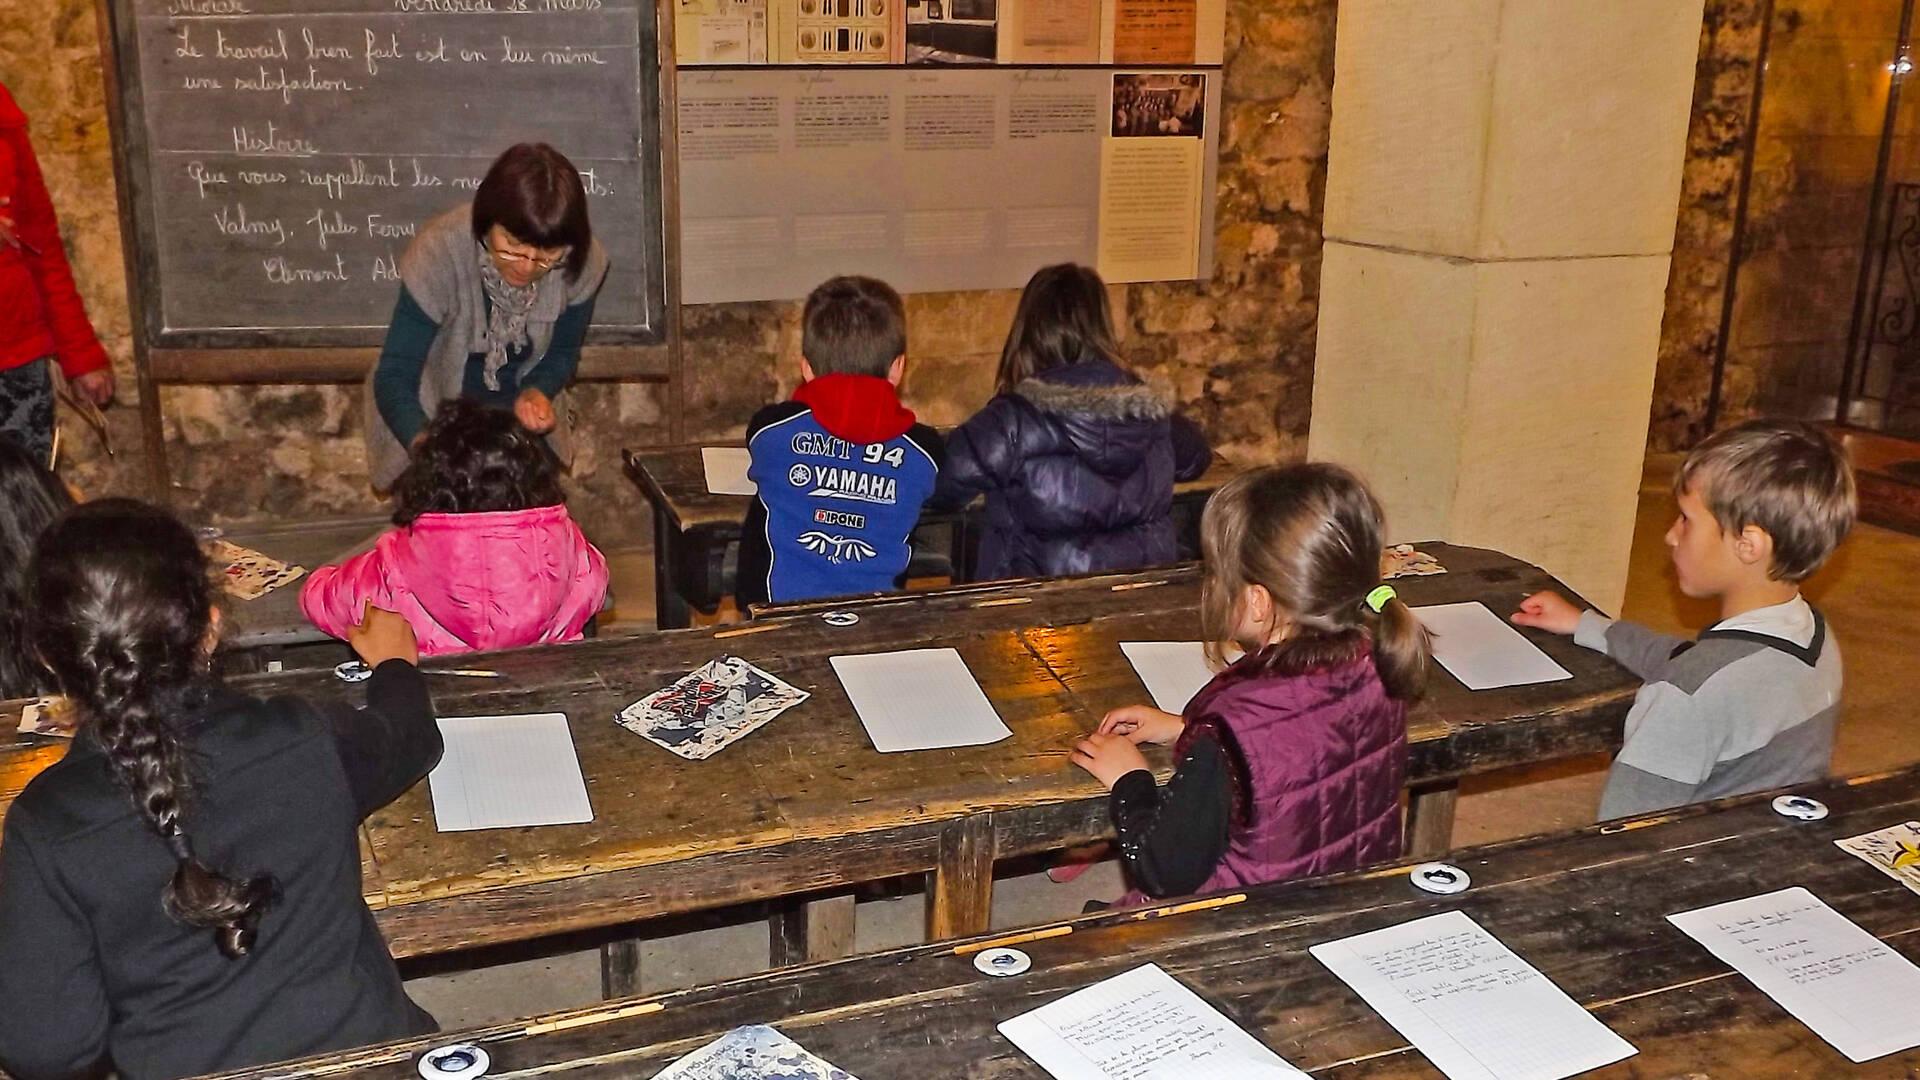 Le mus e des commerces d autrefois rochefort office de tourisme de rochefort oc an - Rochefort office de tourisme ...